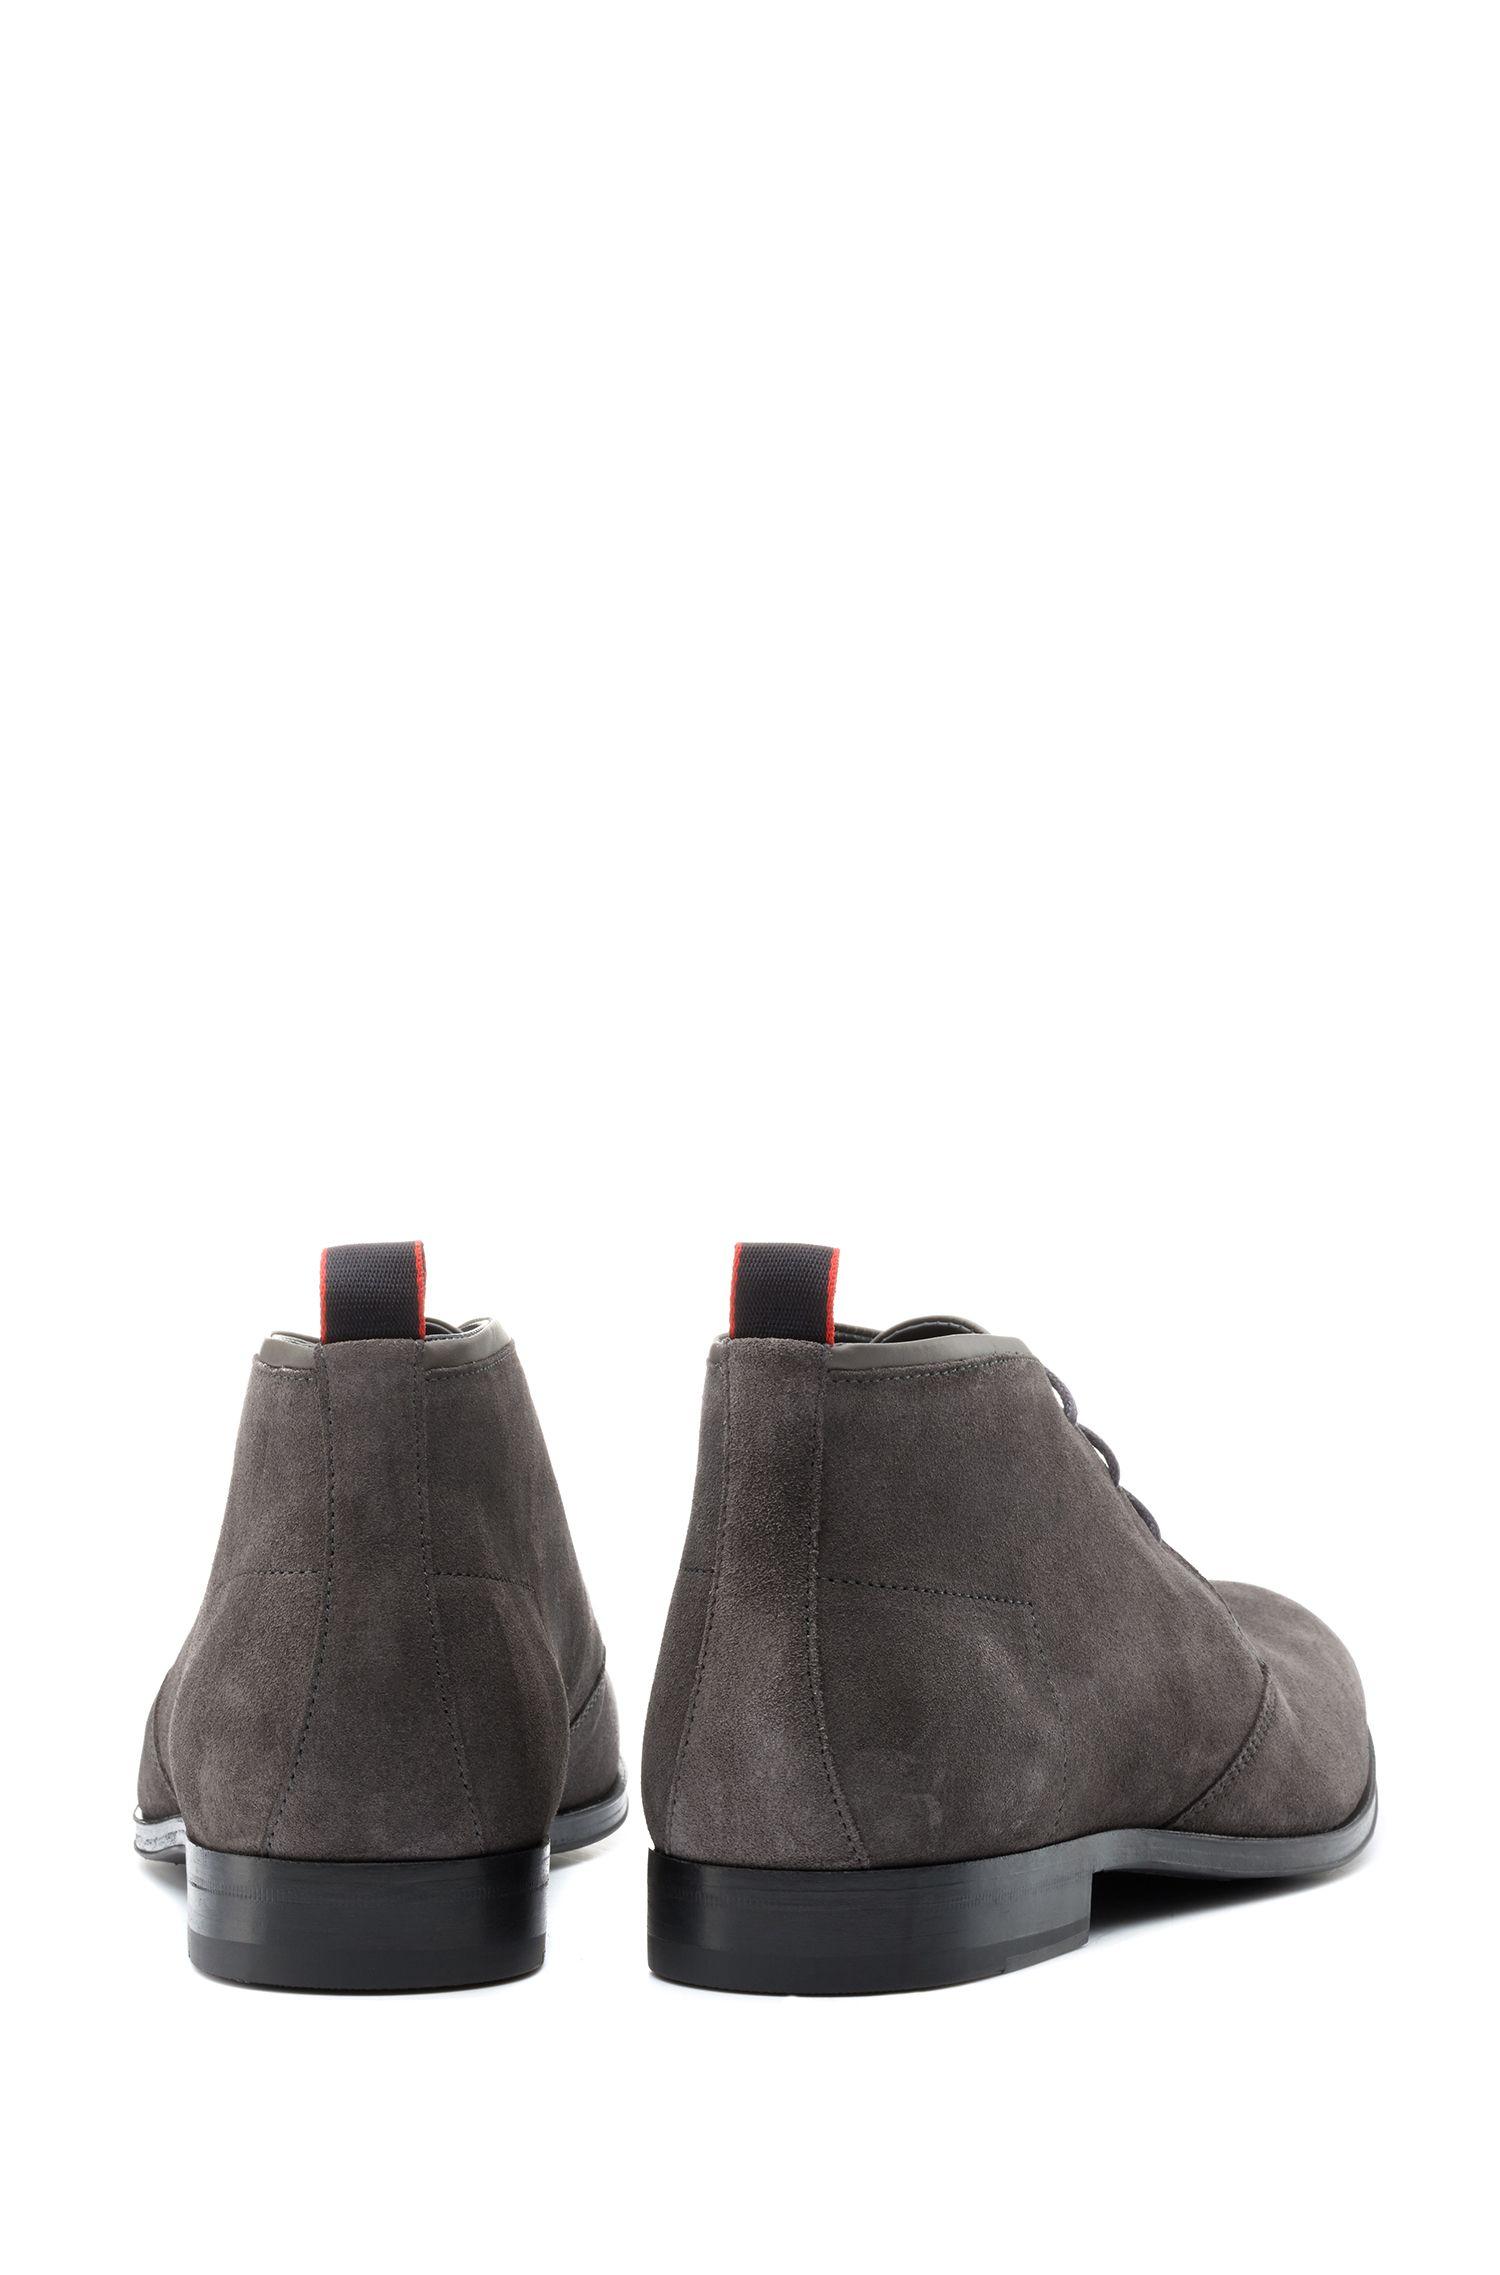 Desert boots en daim de veau italien avec semelle intérieure en mousse